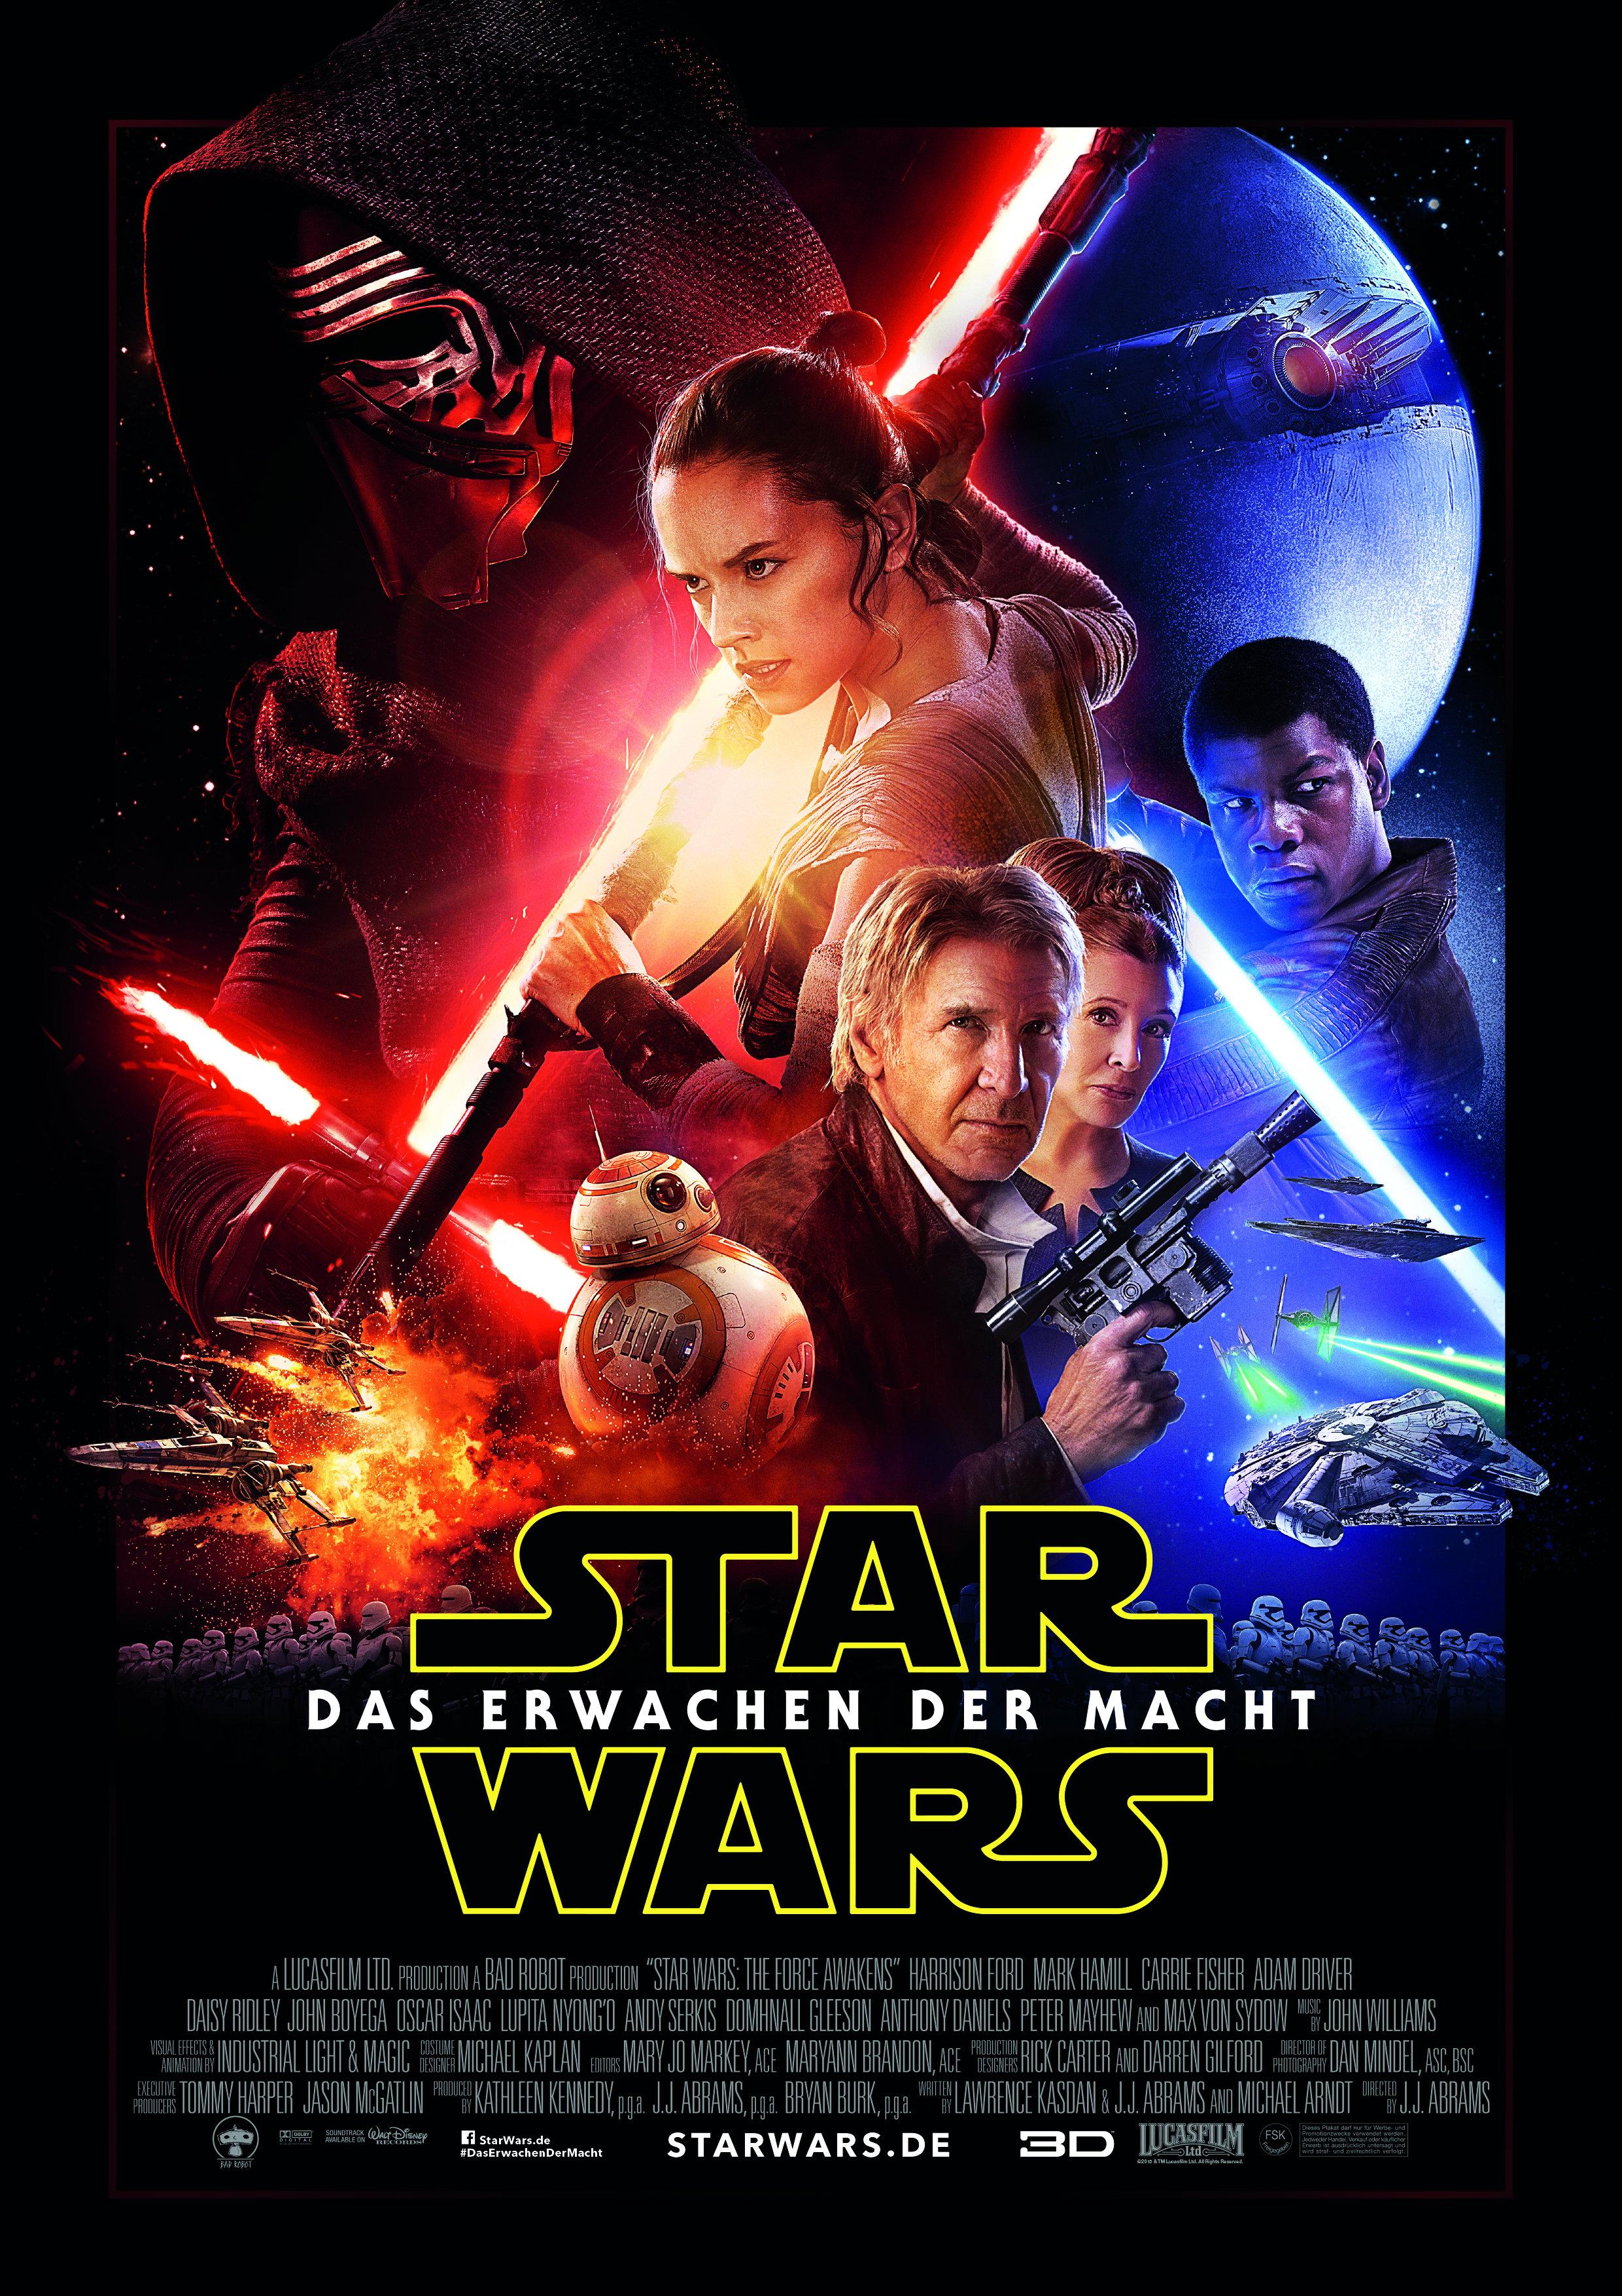 star-wars-das-erwachen-der-macht-poster-de